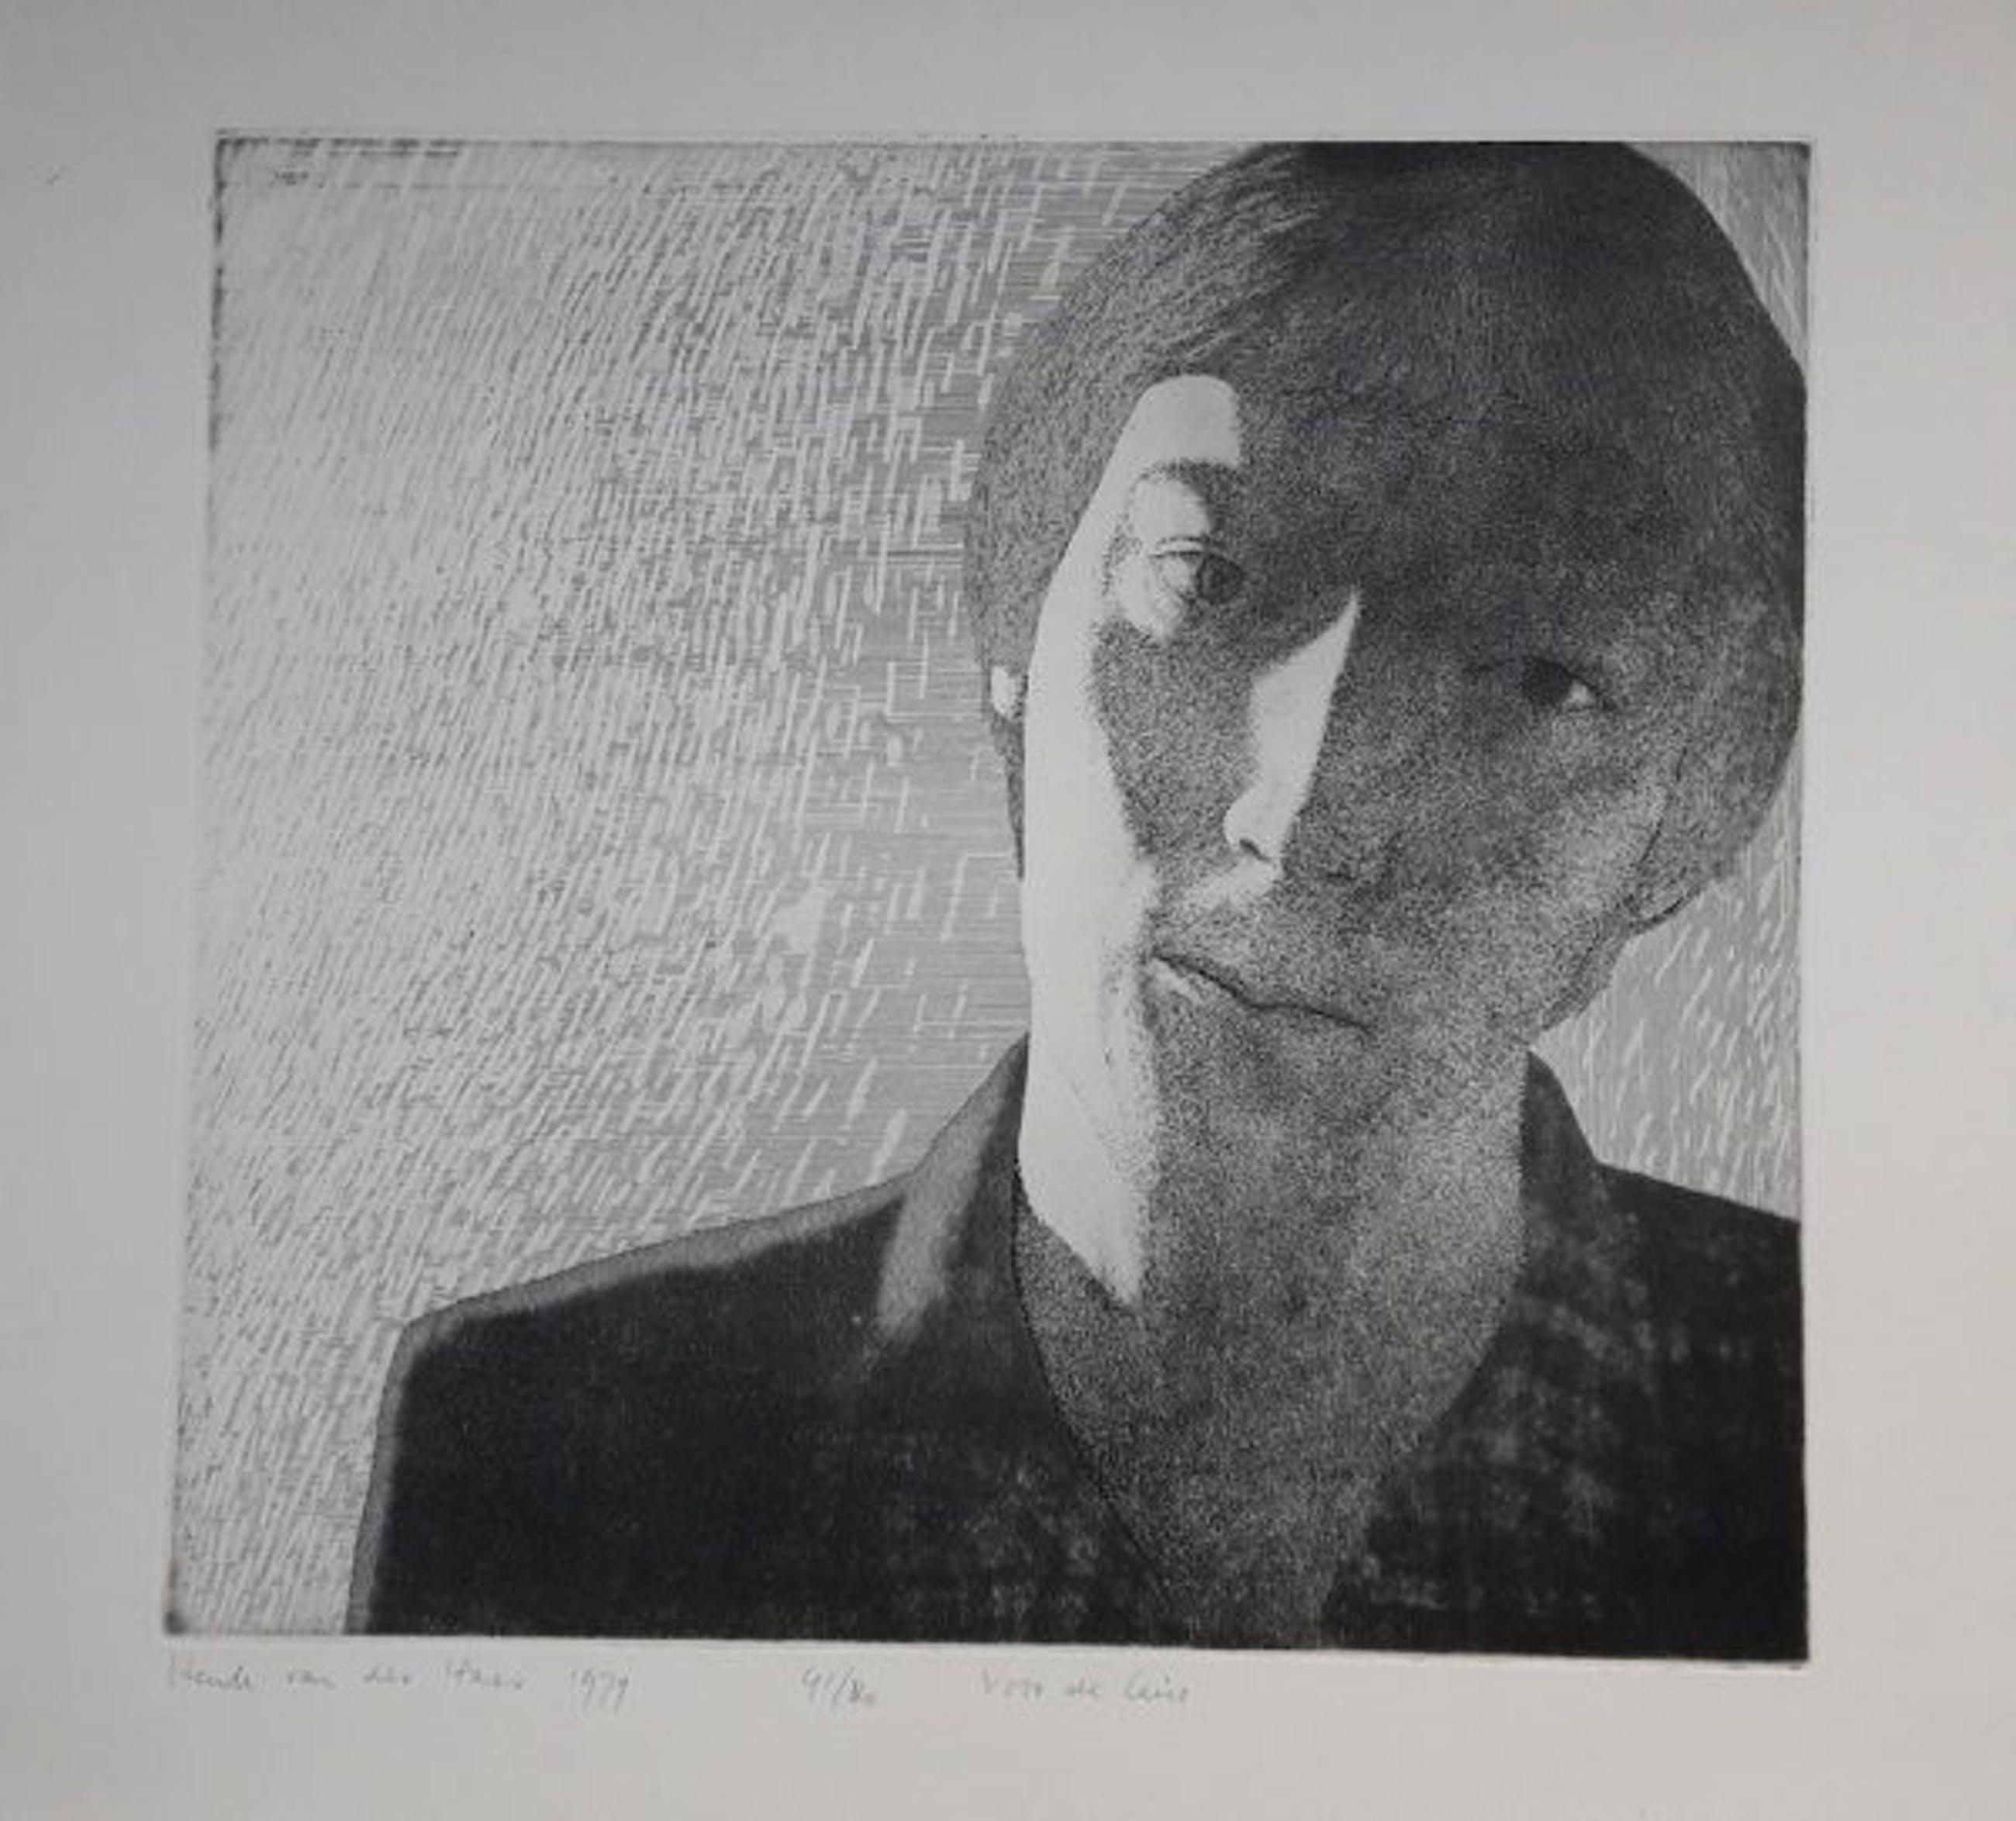 Henk van der Haar - Portret kopen? Bied vanaf 5!